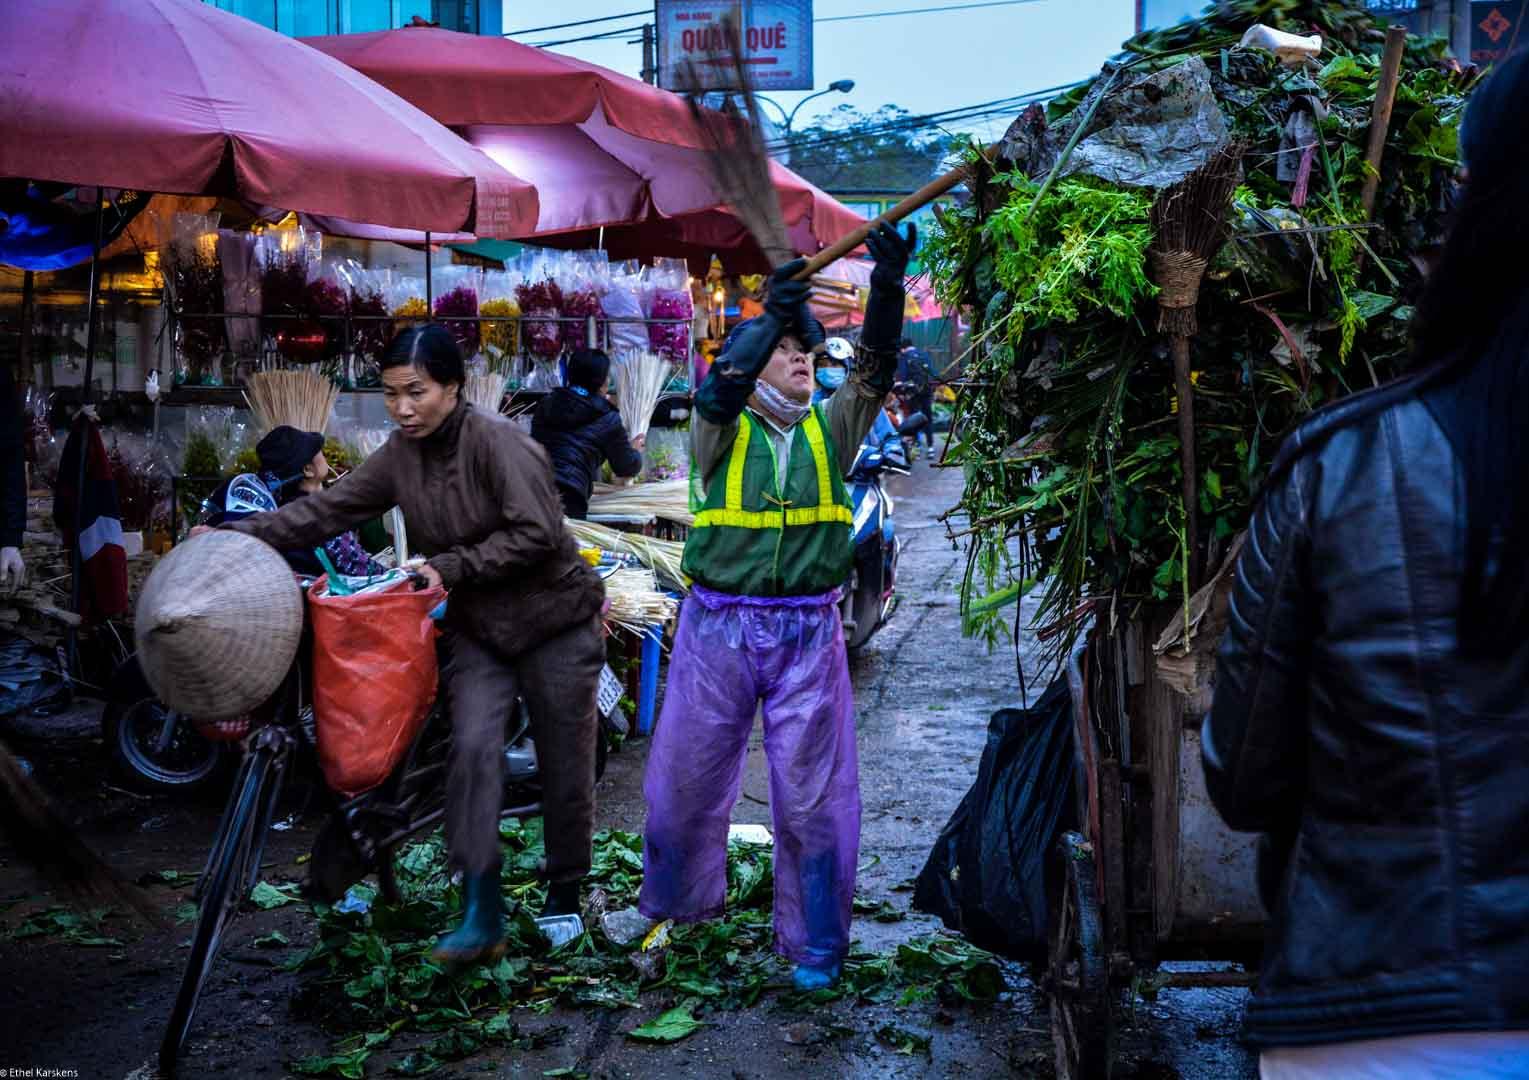 Femme nettoyant les rues (Flower market)